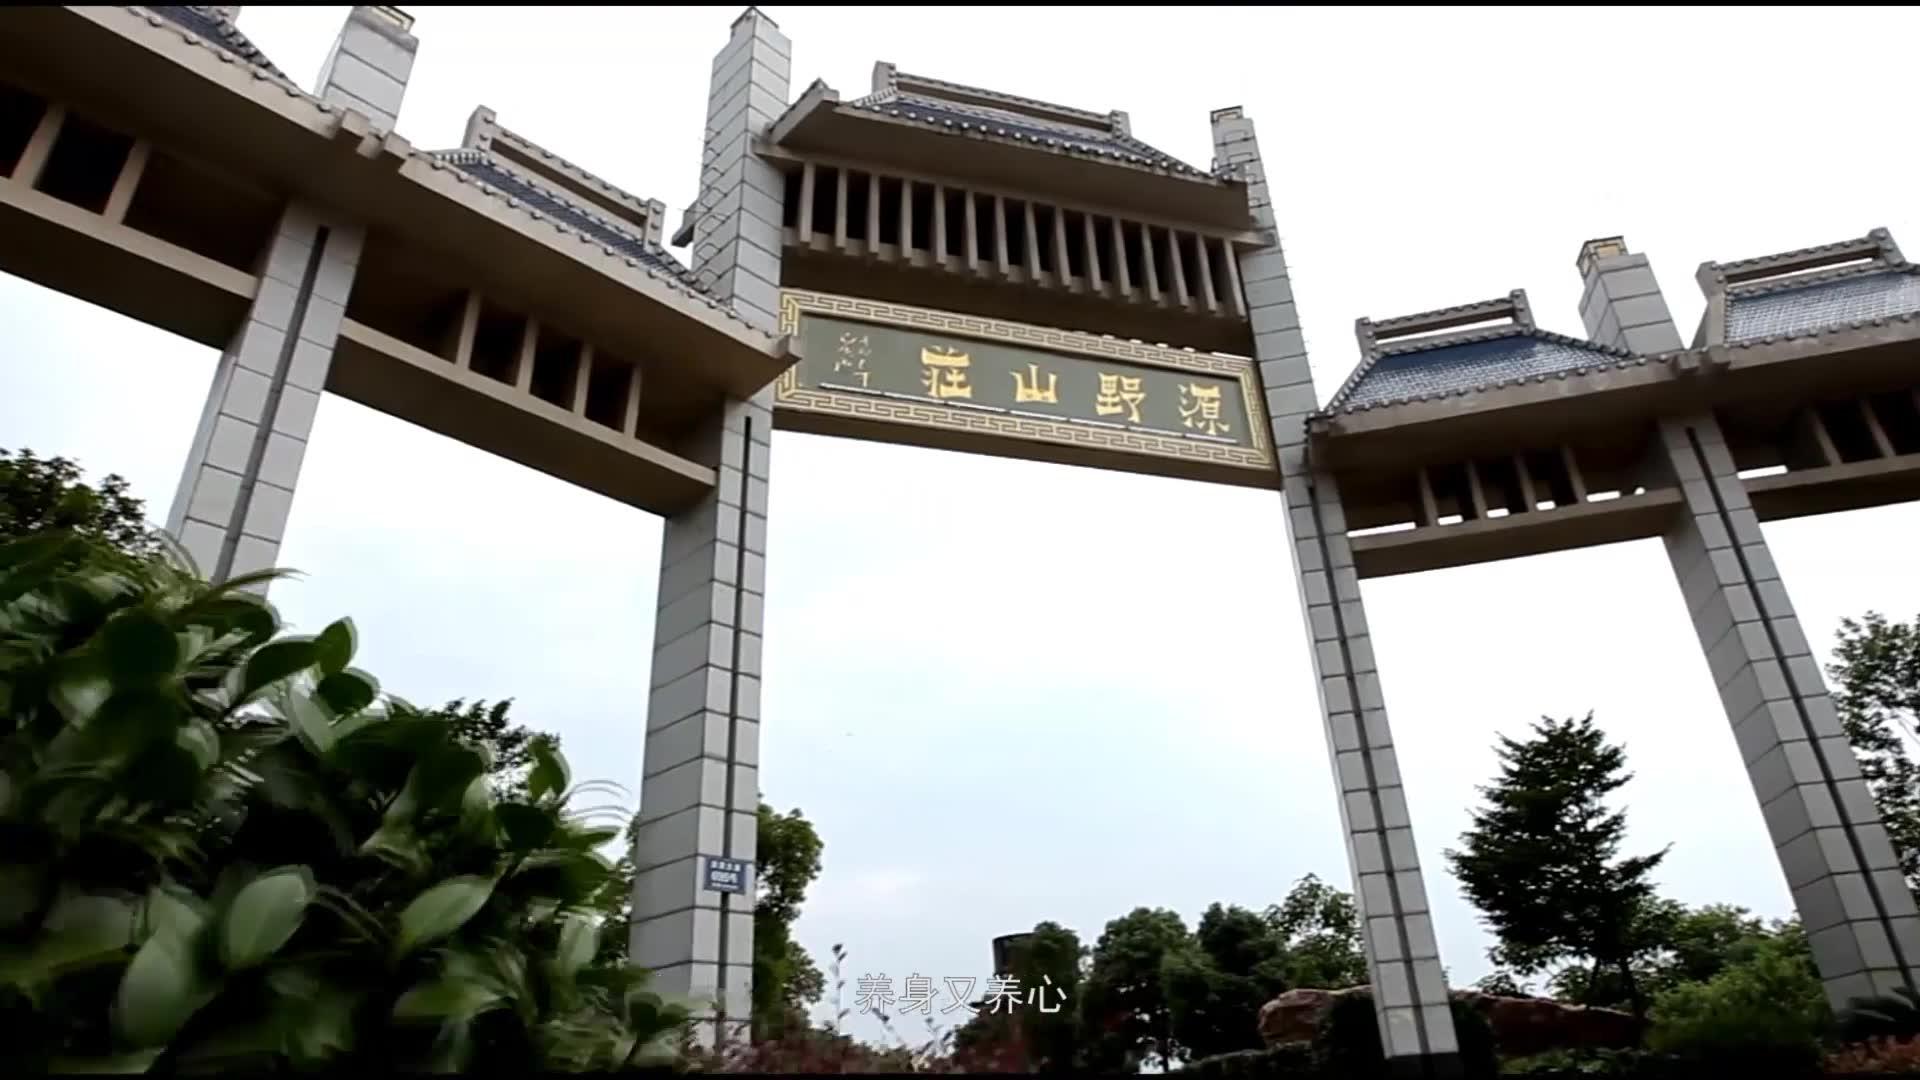 《中国推介》之《中国麻鸡之乡——崇仁》